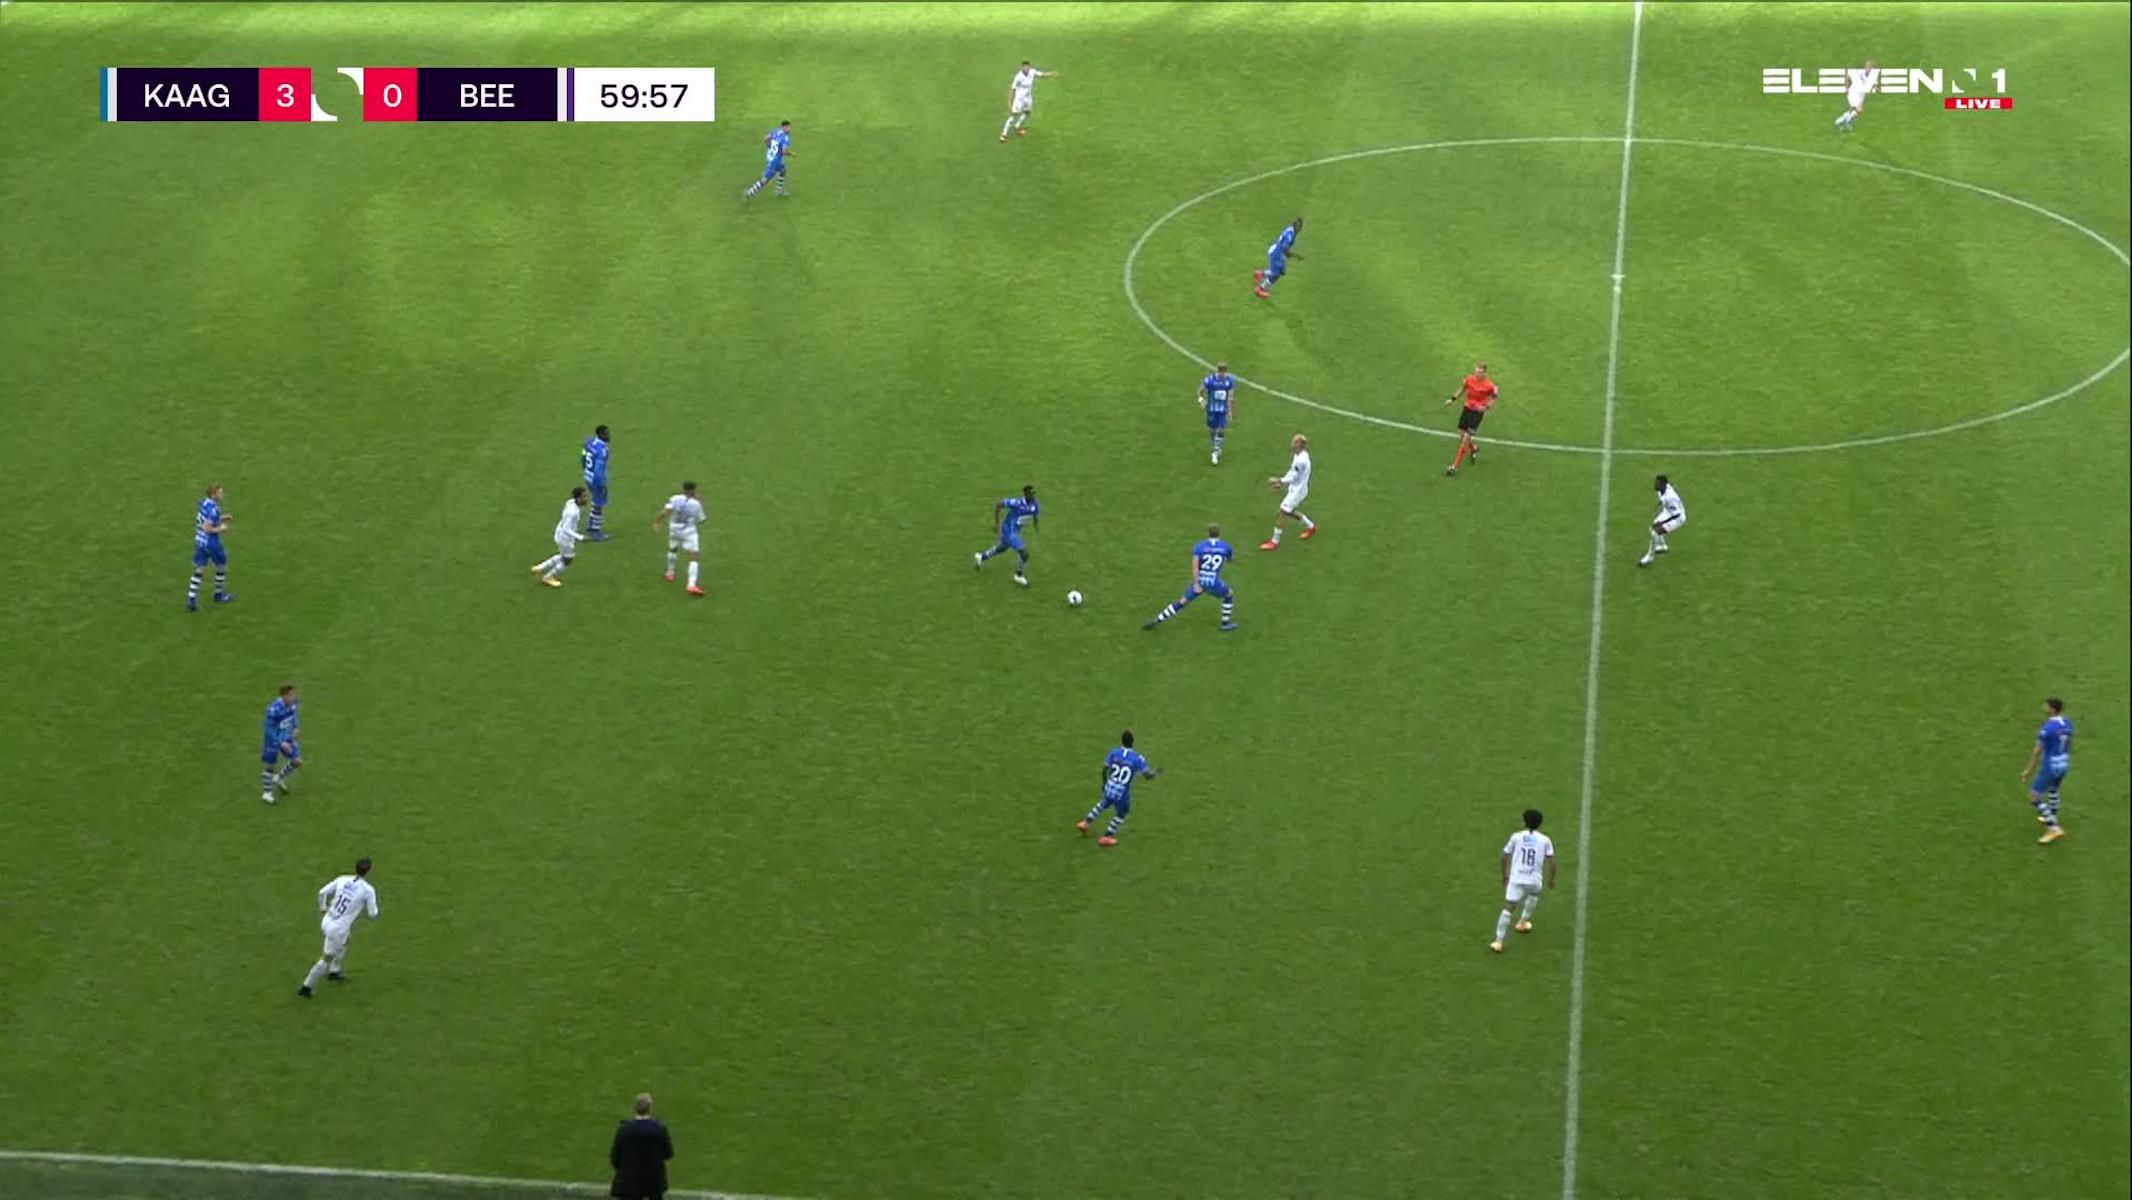 Doelpunt Laurent Depoitre (KAA Gent vs. K. Beerschot V.A.)